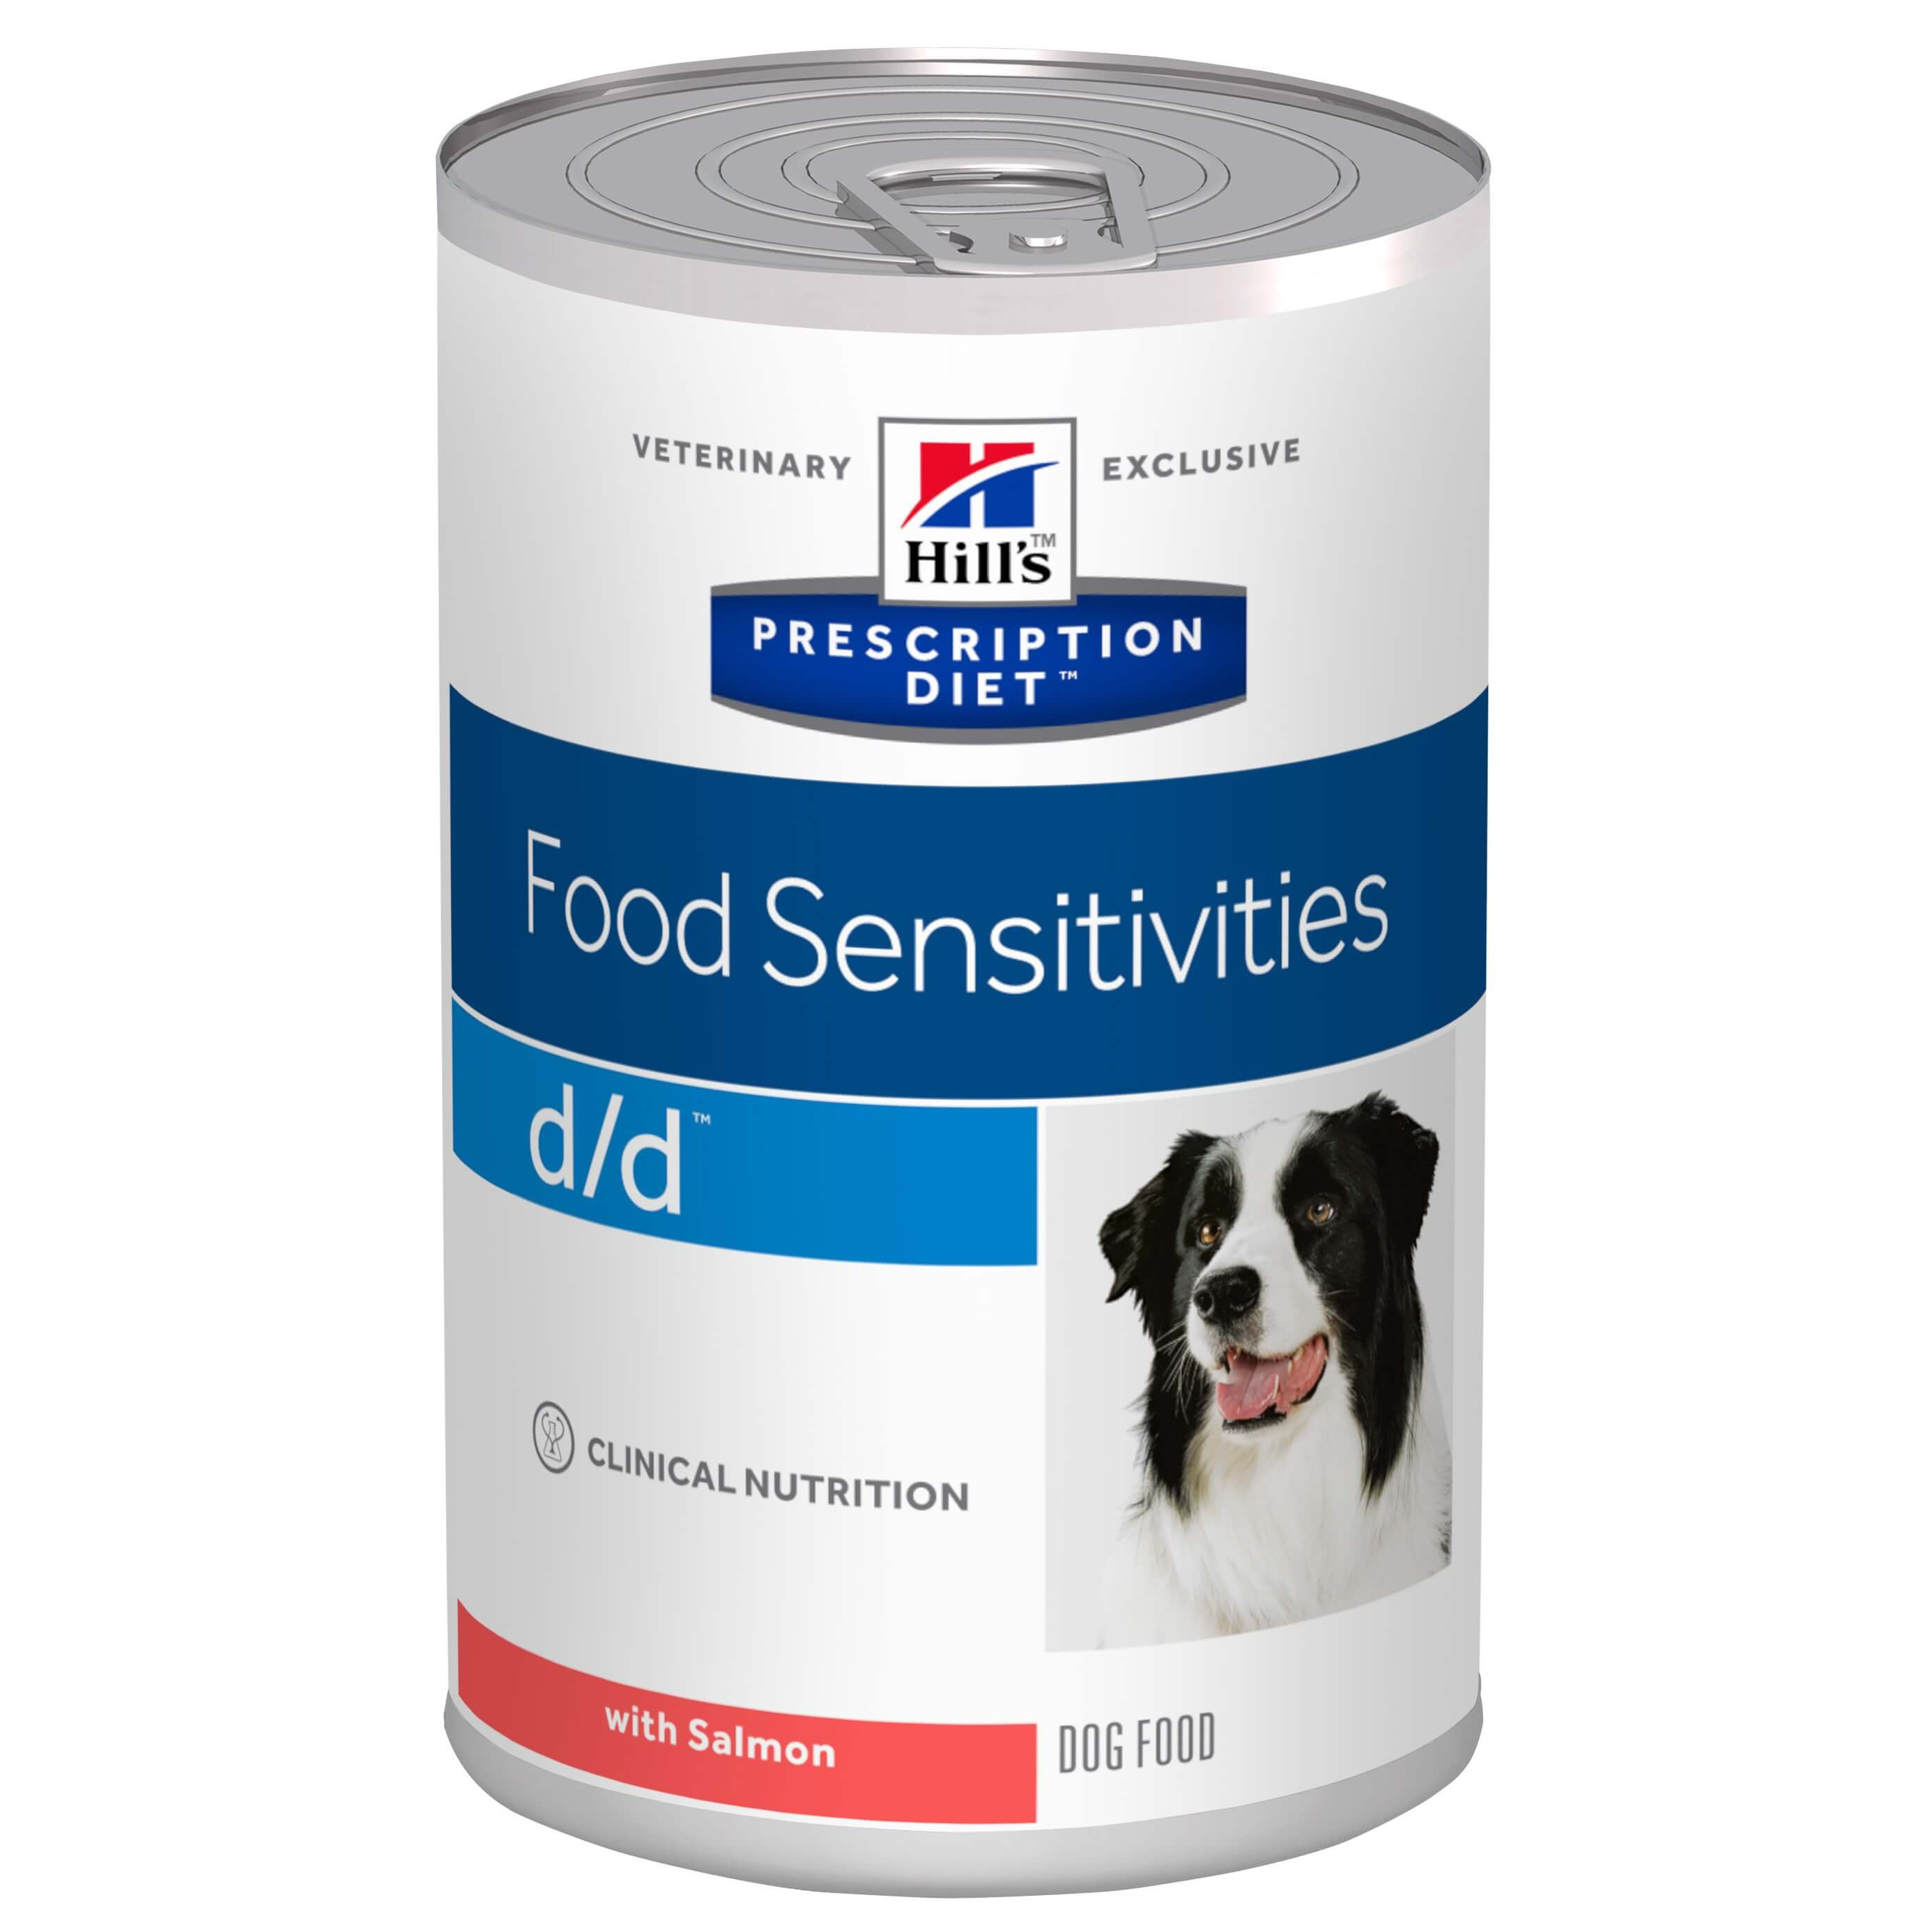 Hill's Prescription D/D Food Sensivities hondenvoer zalm (370 g blik)